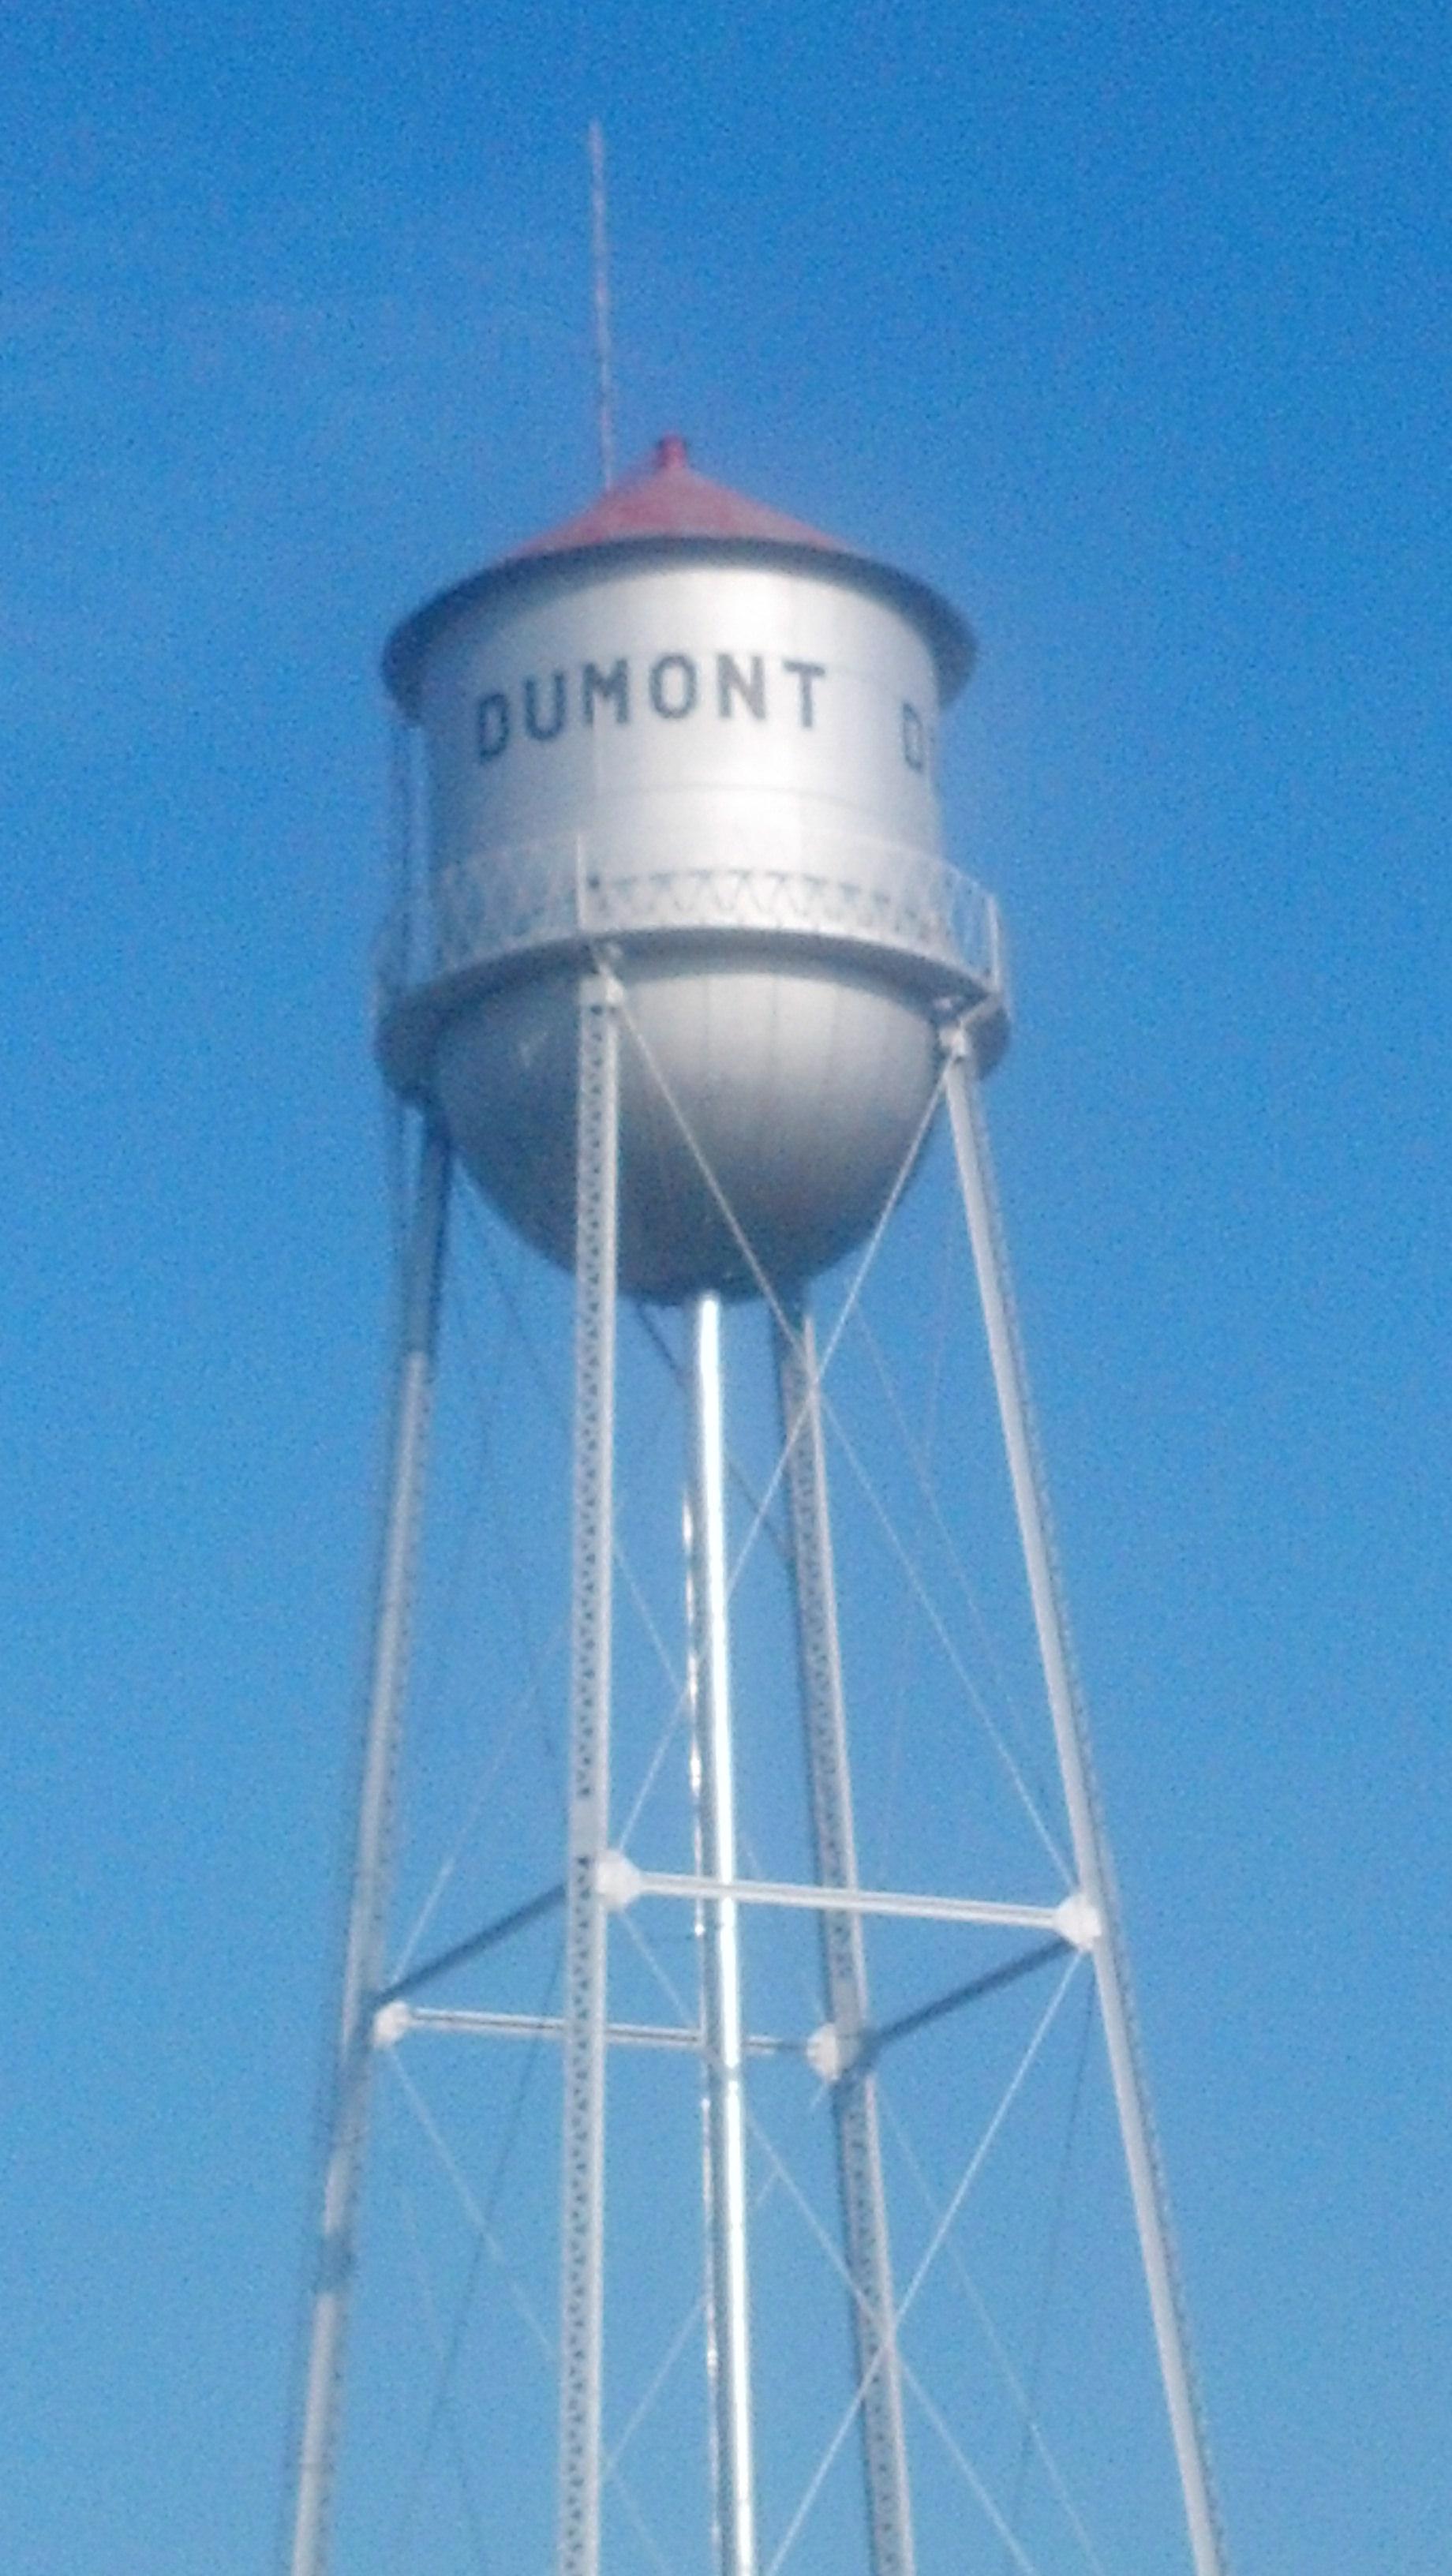 Door Knocking in Dumont